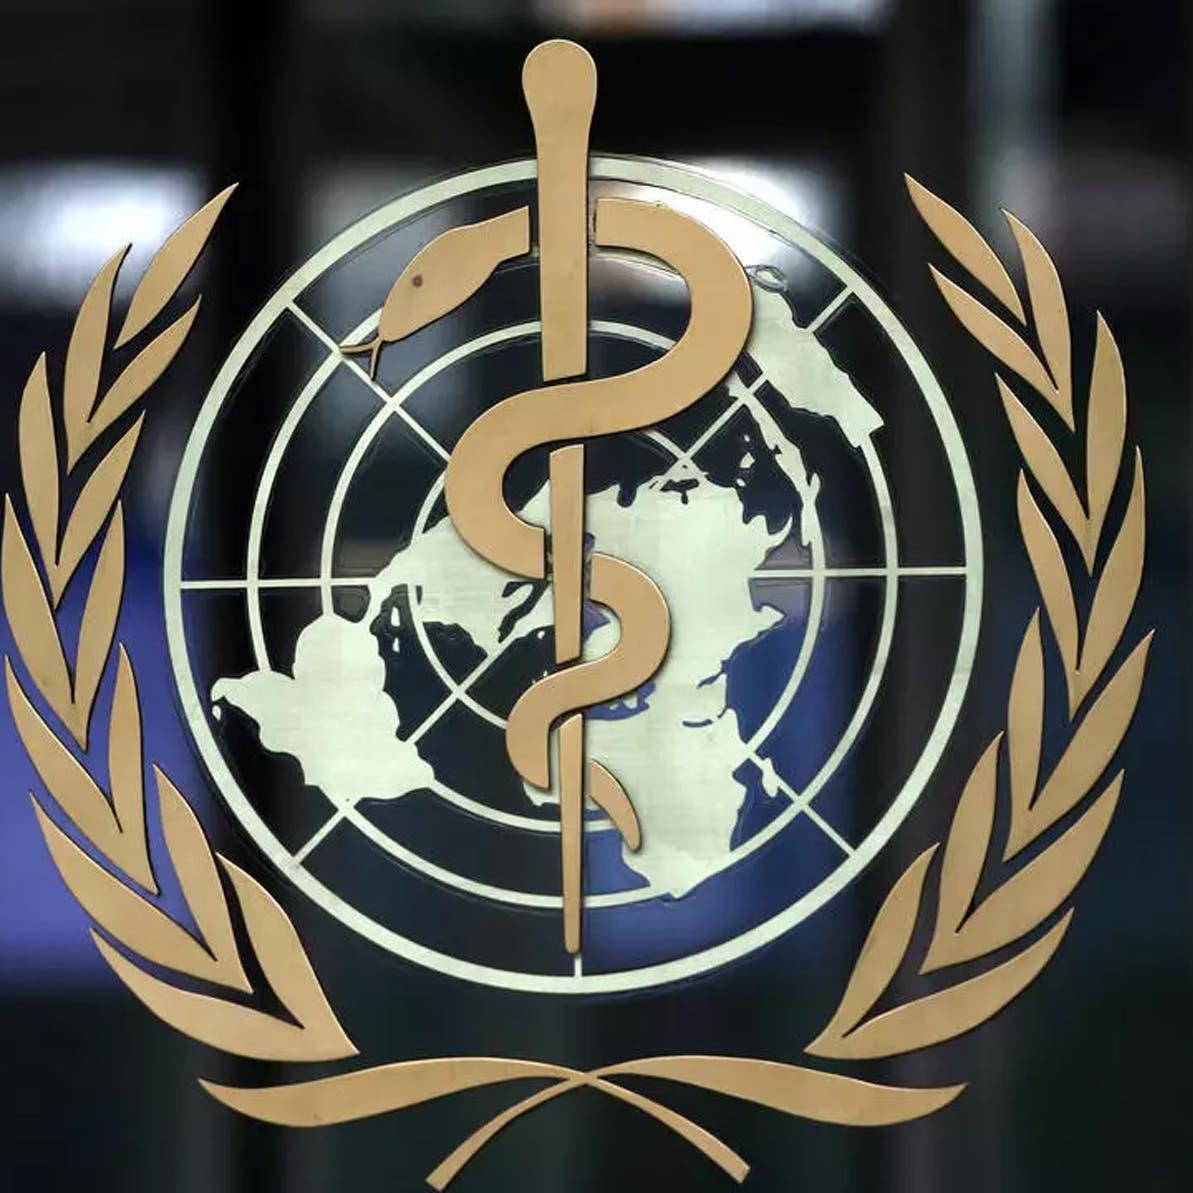 الصحة العالمية: السعودية حصلت على تقييم عالٍ بالتعامل مع جائحة كورونا